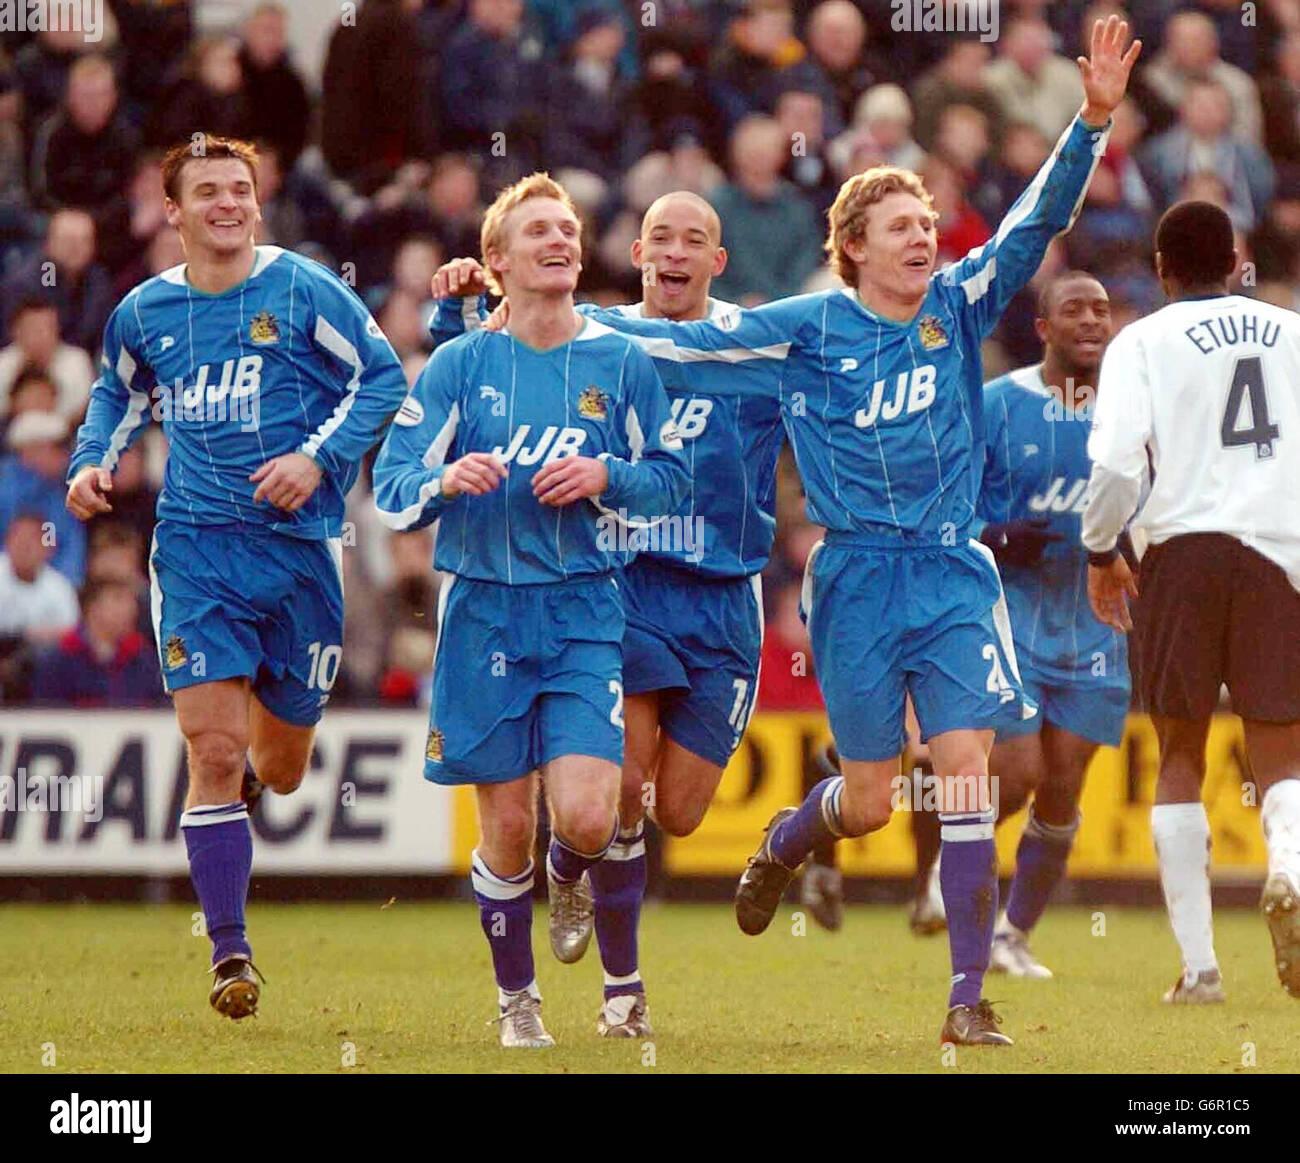 Preston North End v Wigan Athletic - Stock Image